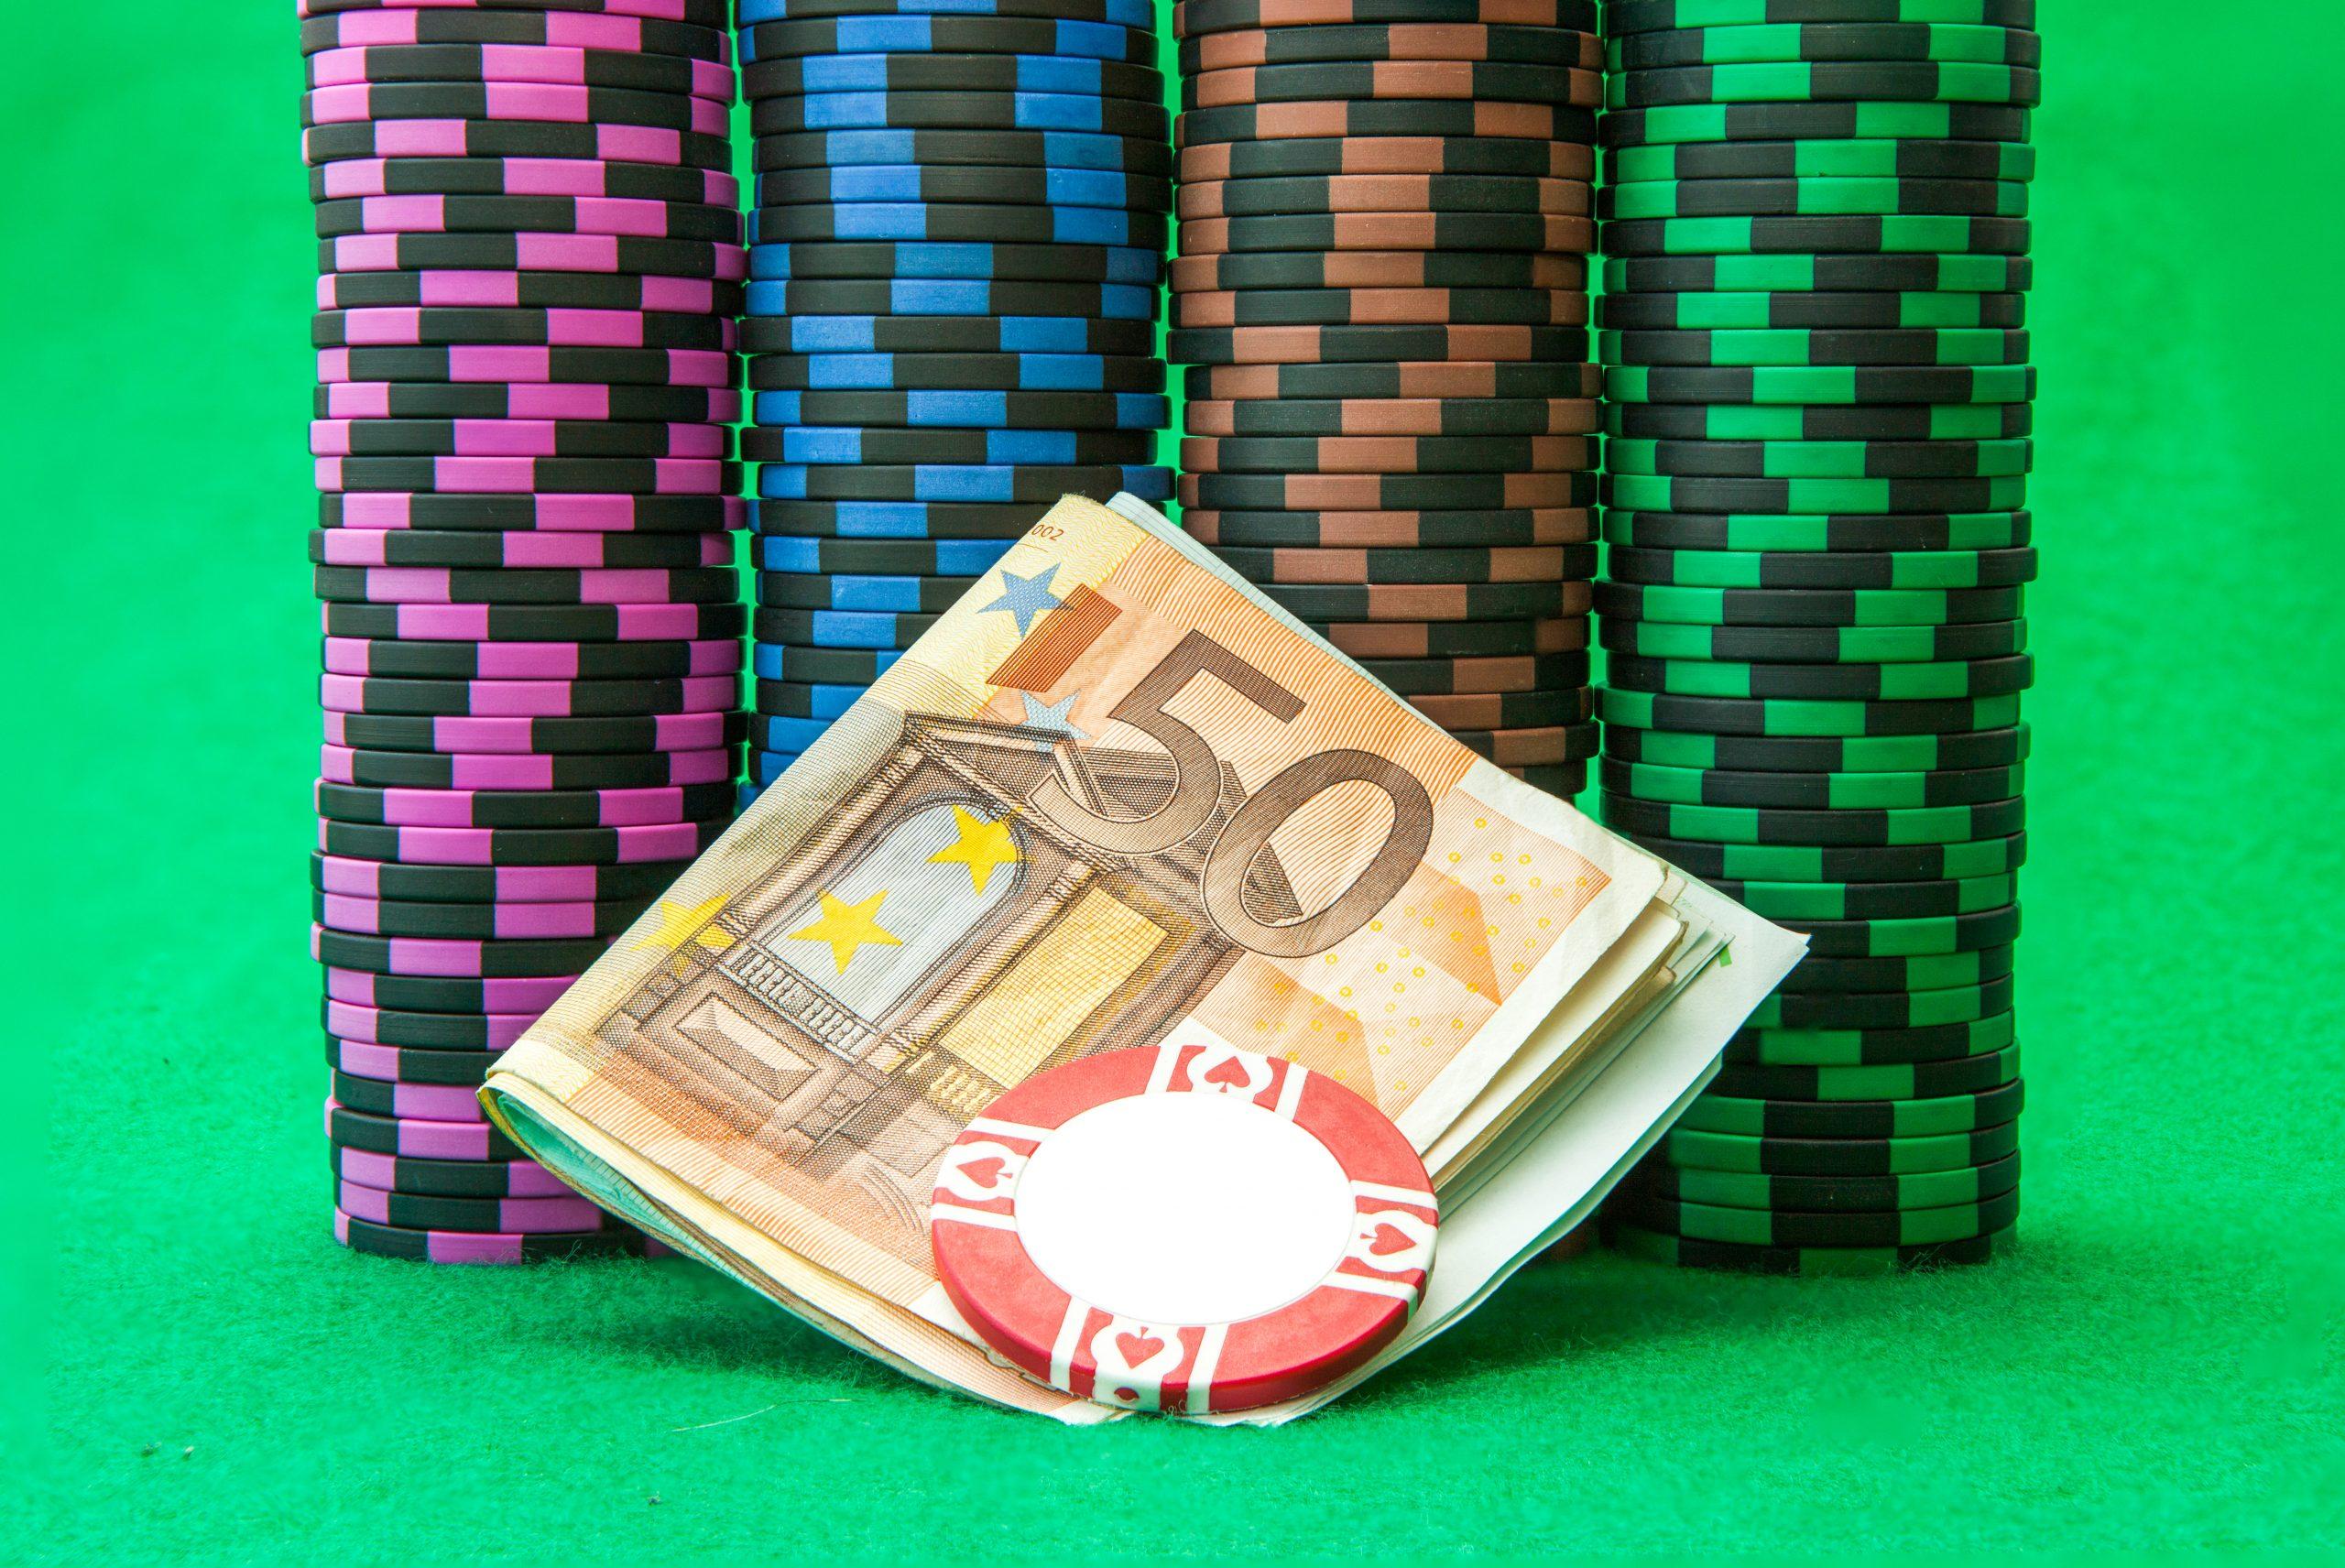 Verovpaaat voitot kasinoilla